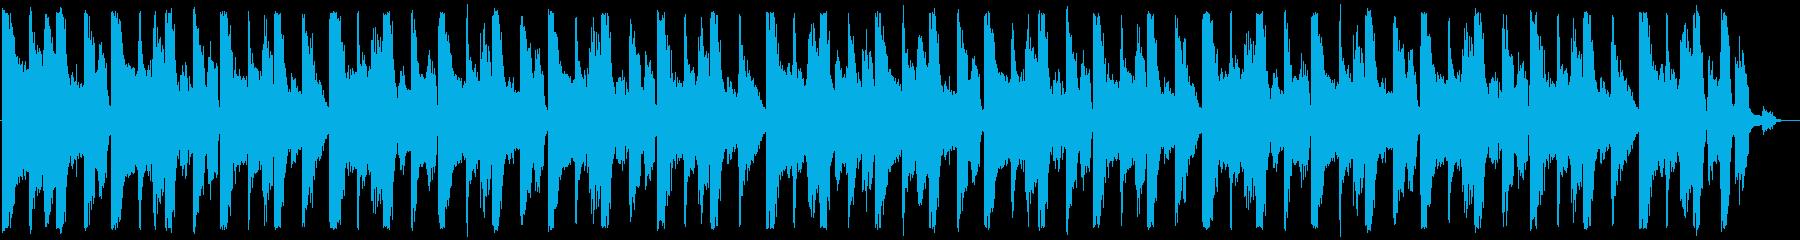 ゆったりとしたテクノ_No603_4の再生済みの波形